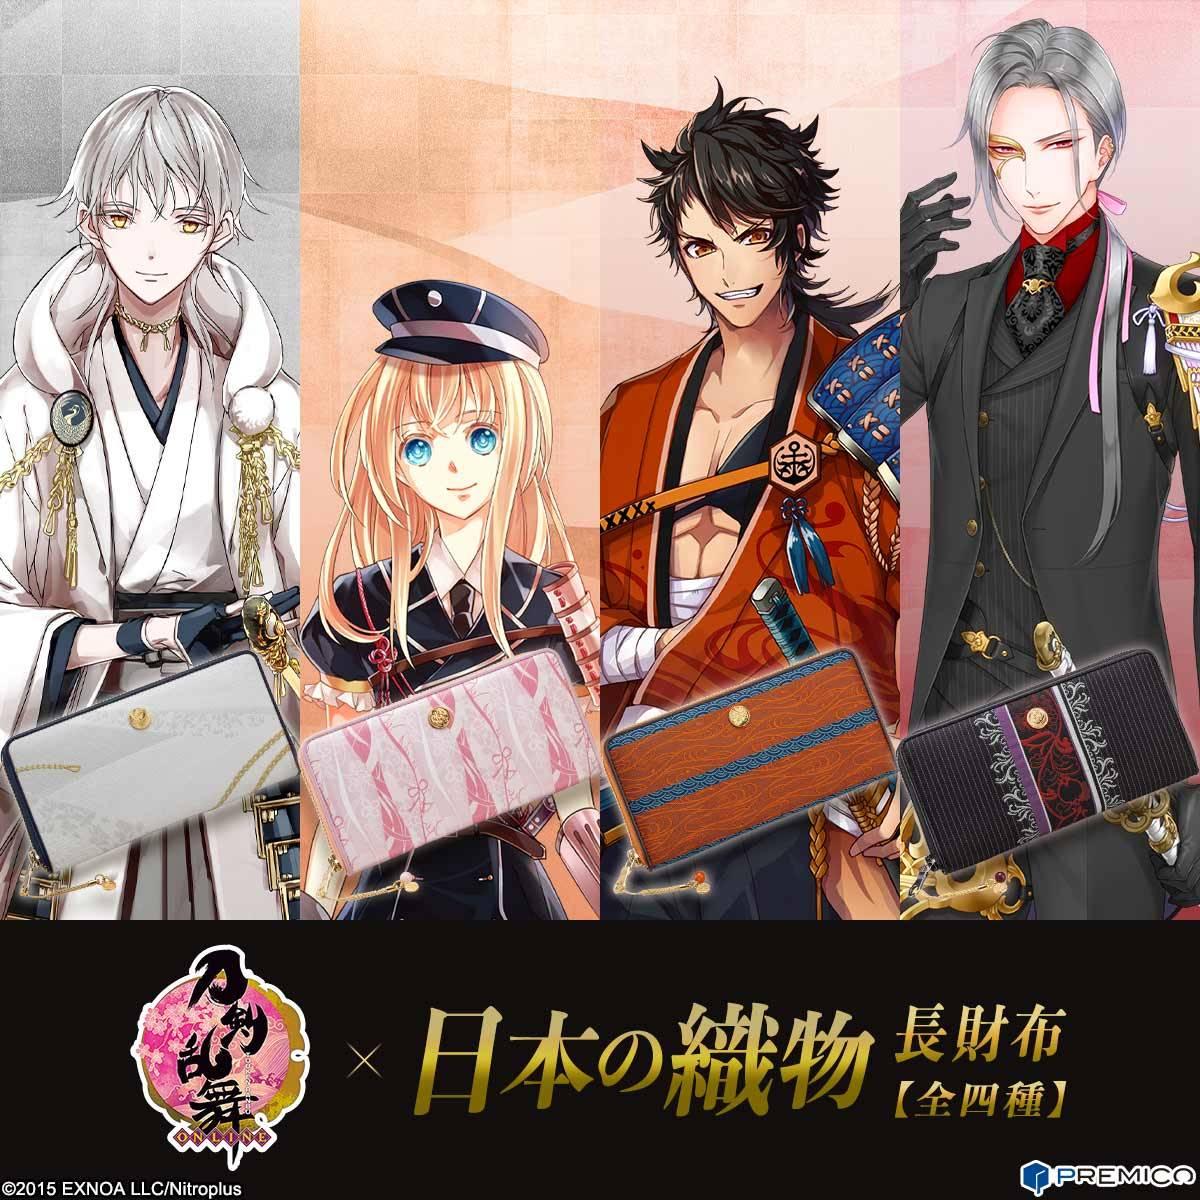 『刀剣乱舞』が日本の伝統織物とコラボ! 鶴丸国永、乱藤四郎、大般若長光、陸奥守吉行モチーフの長財布